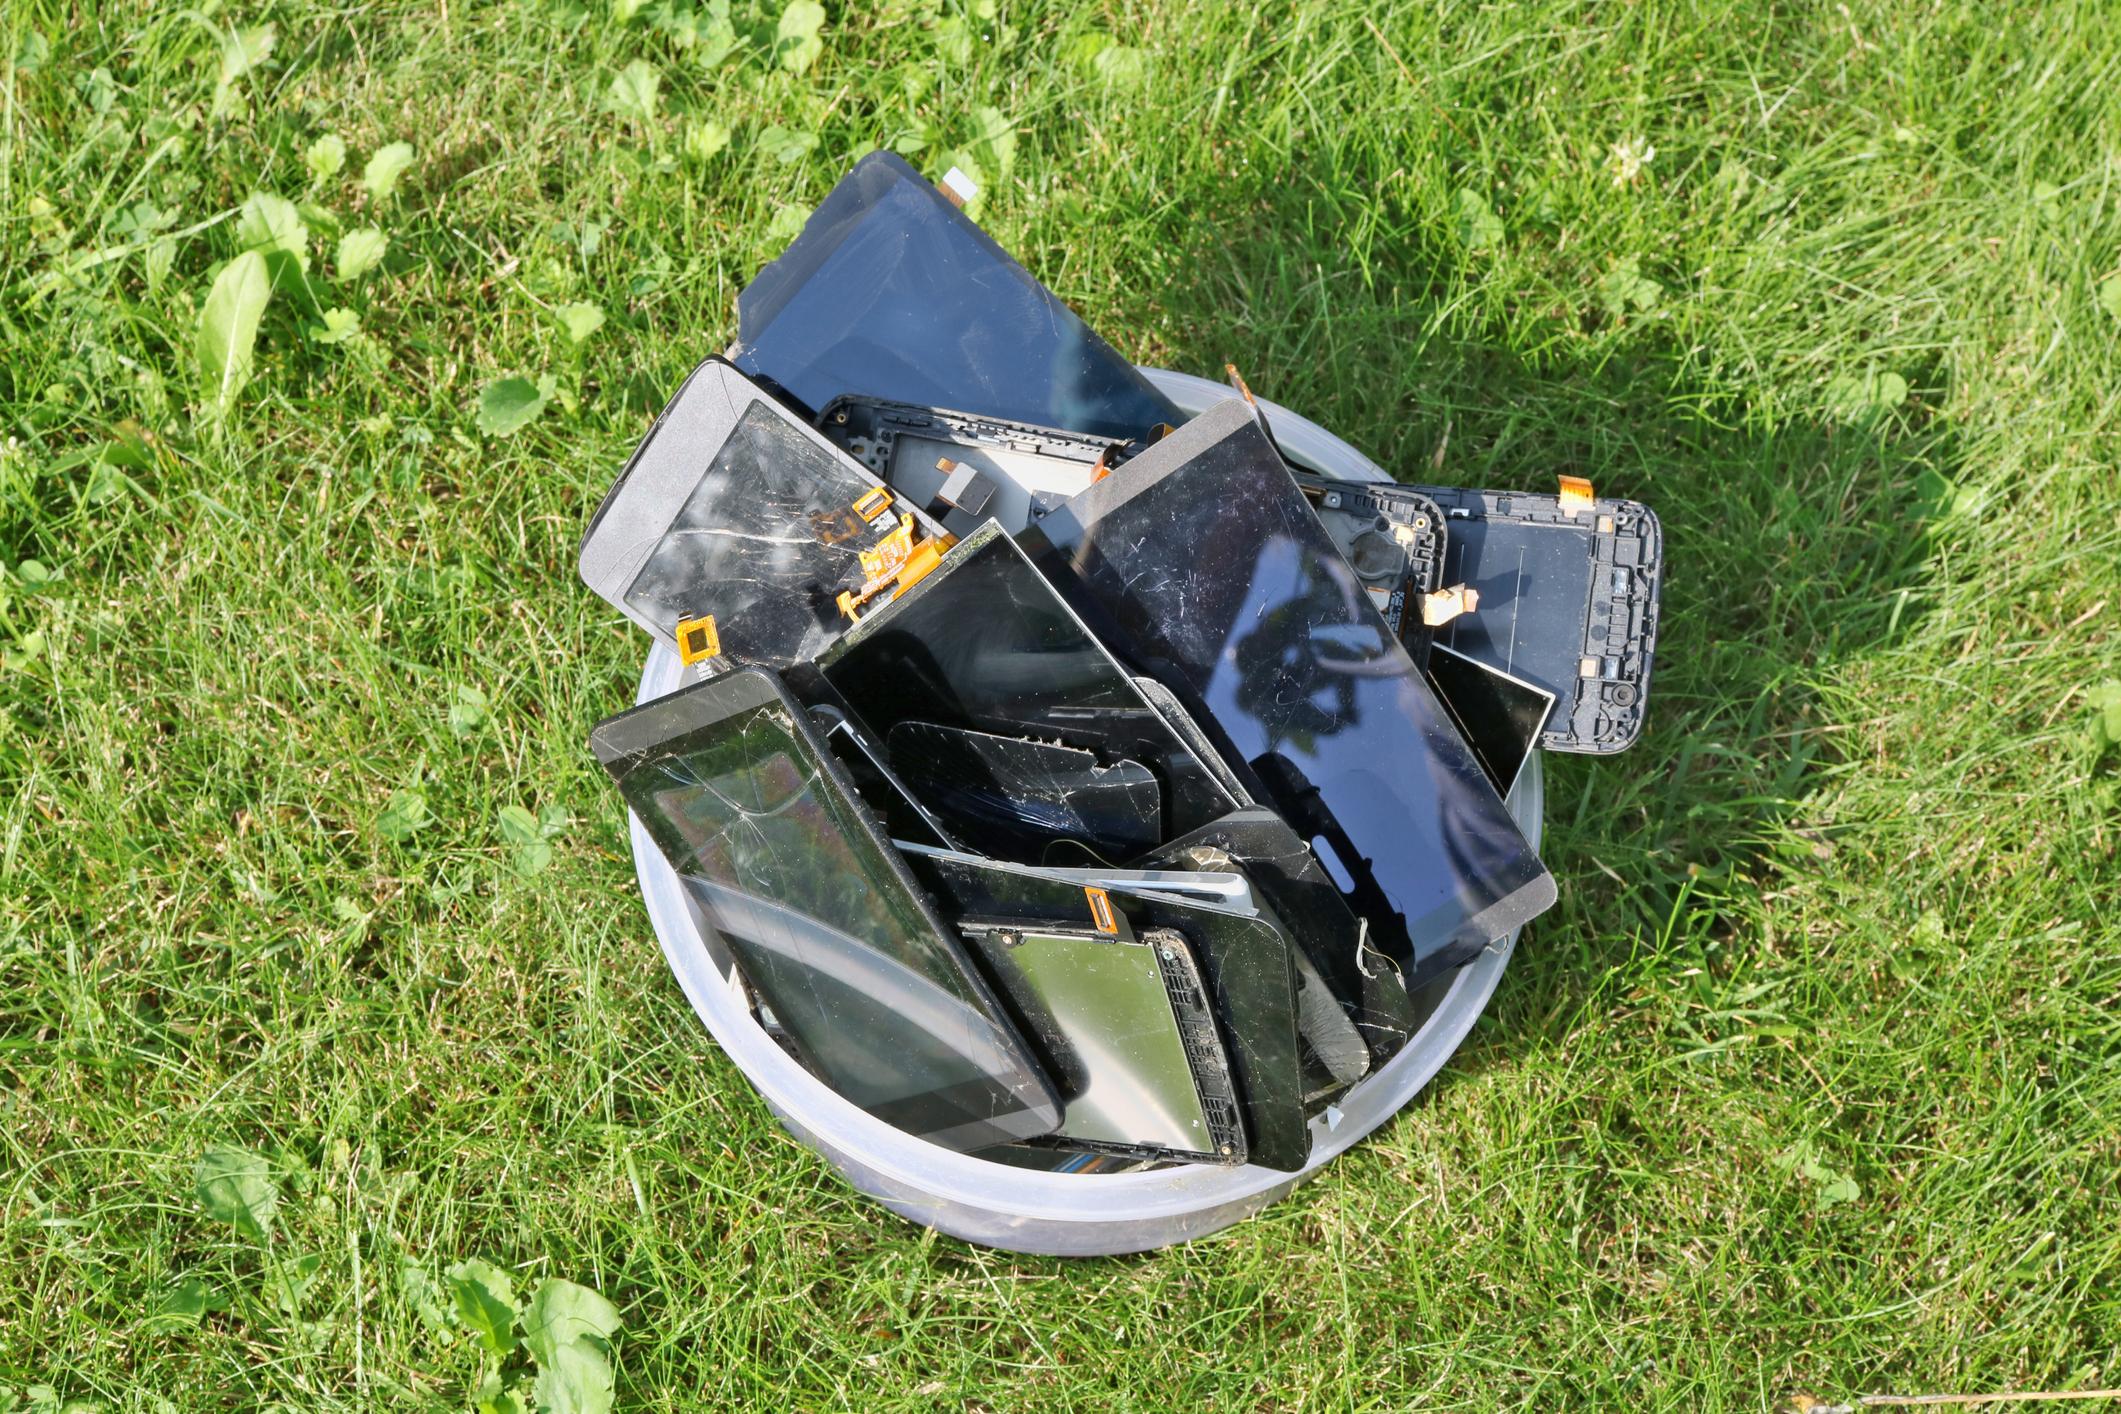 Broken mobile phones green grass